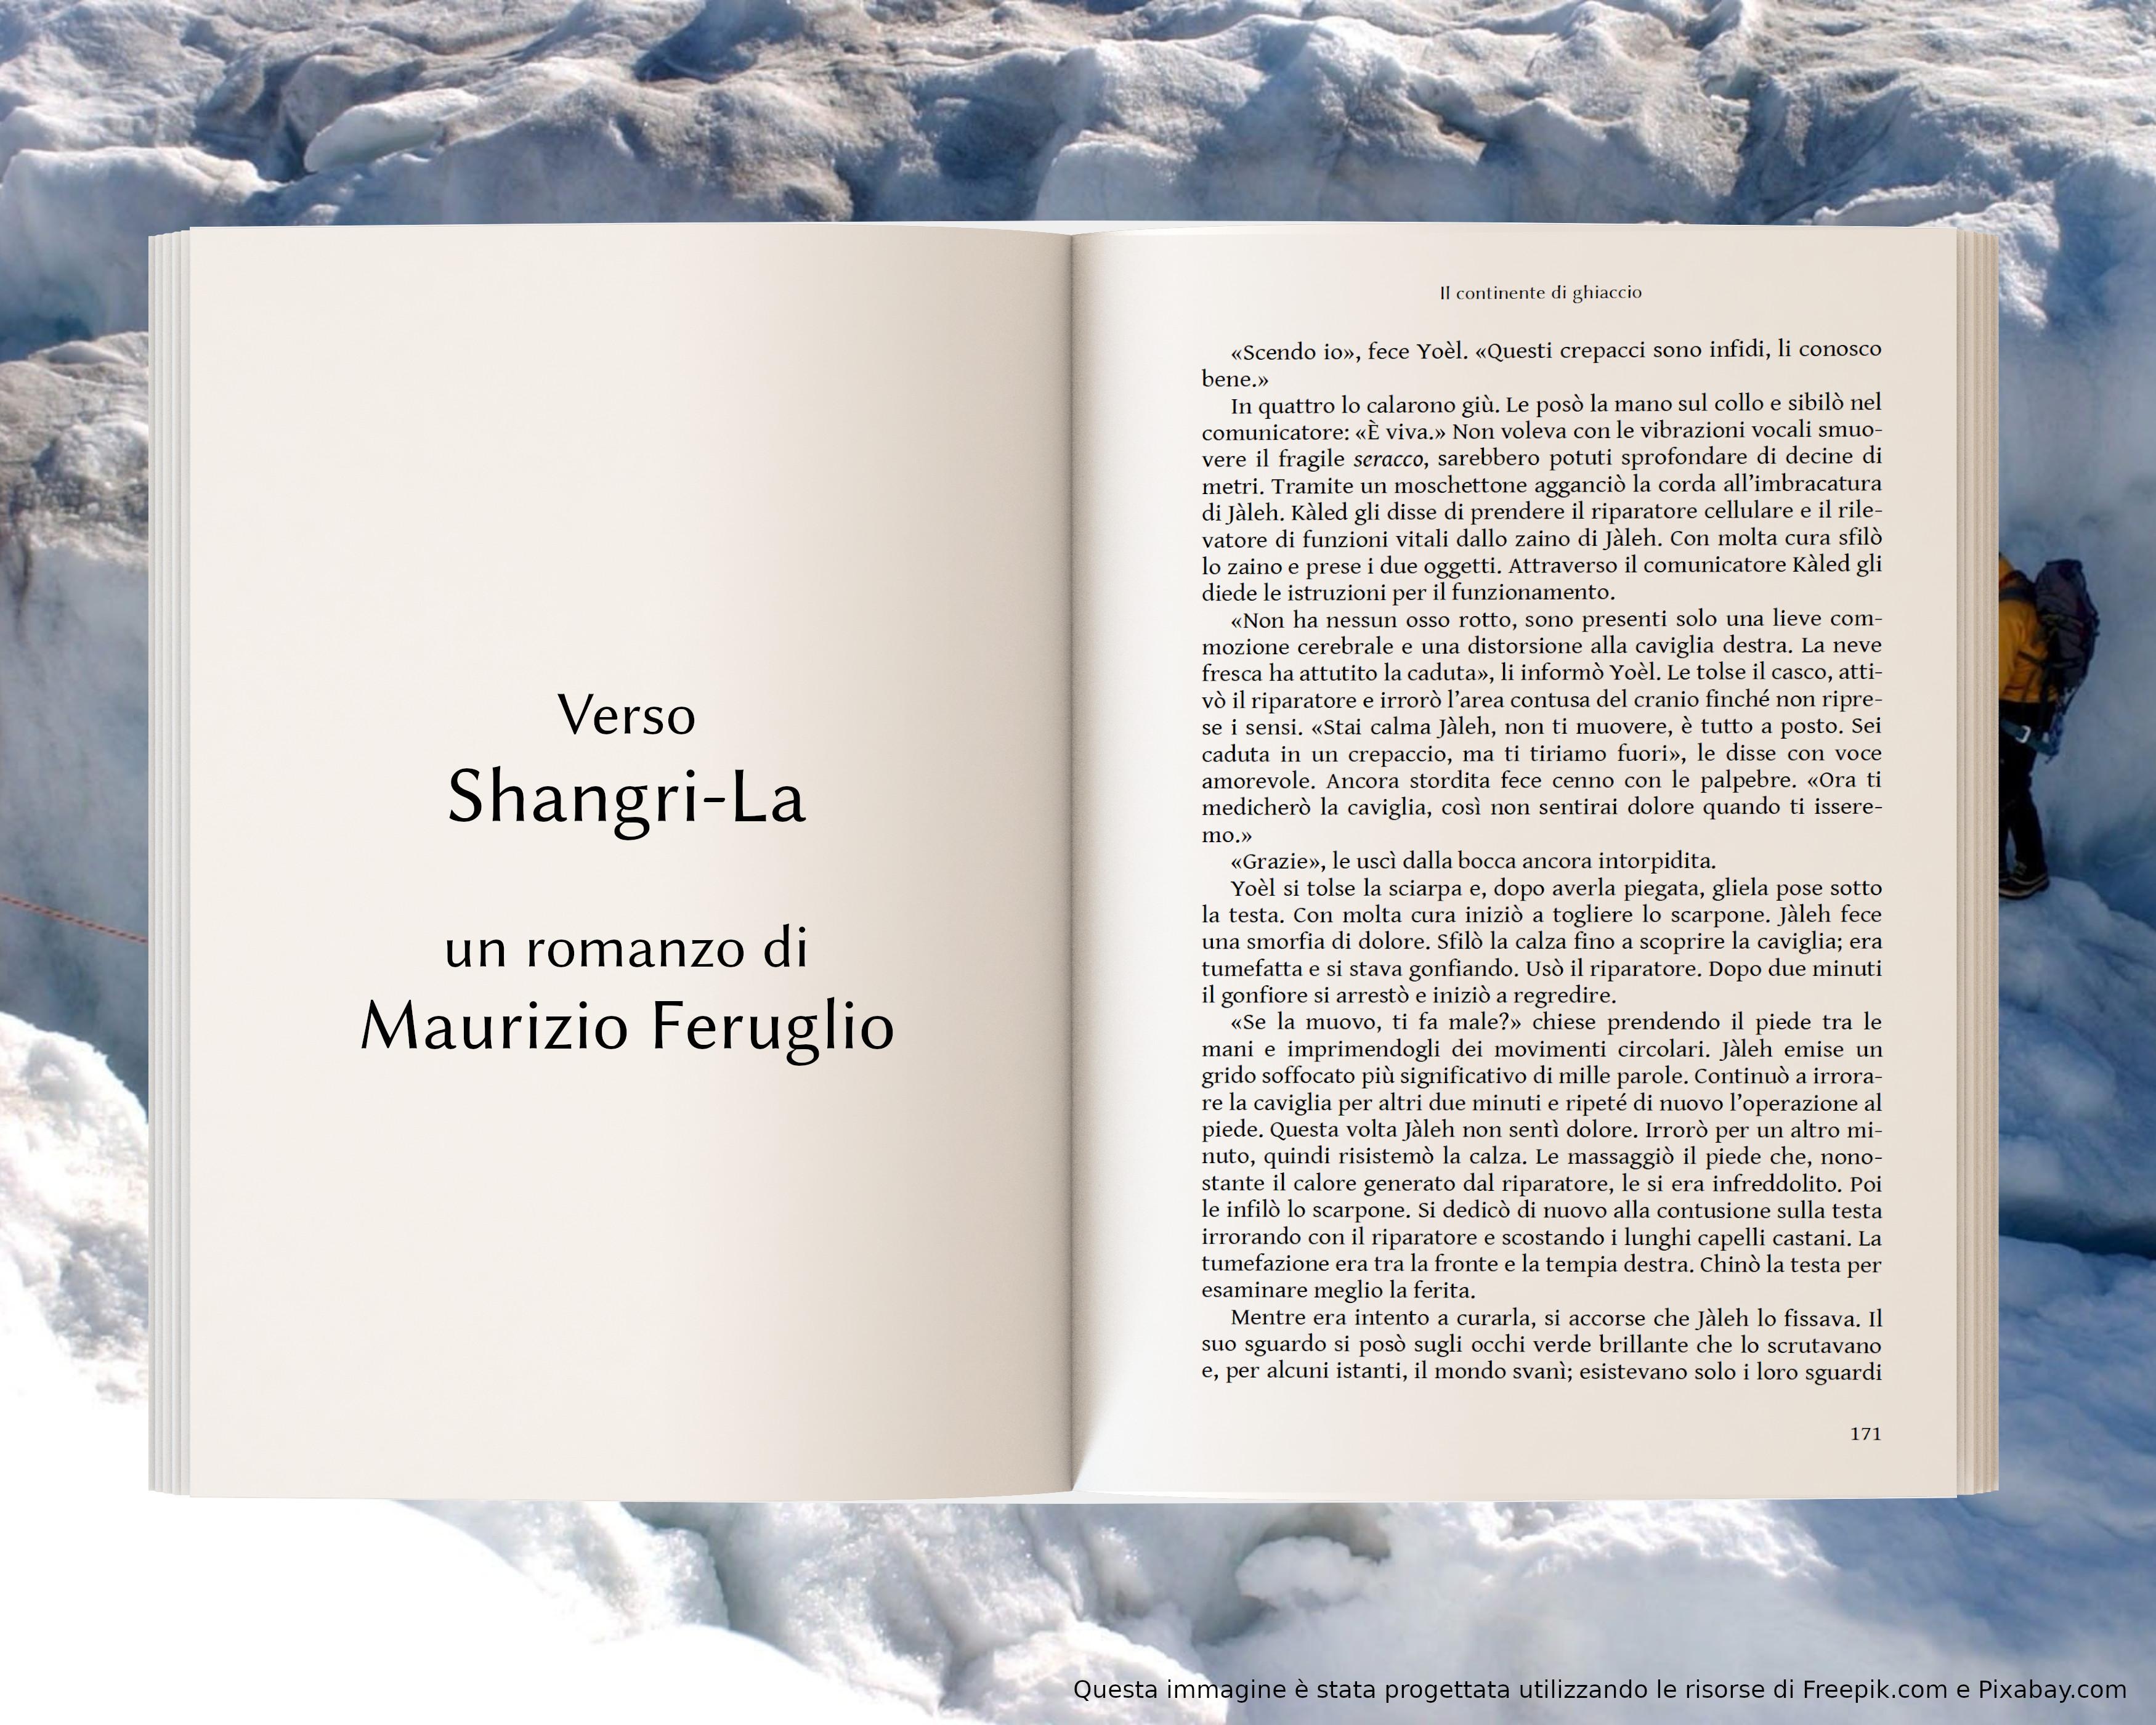 Crepaccio - anteprima di Verso Shangri-La di Maurizio Feruglio